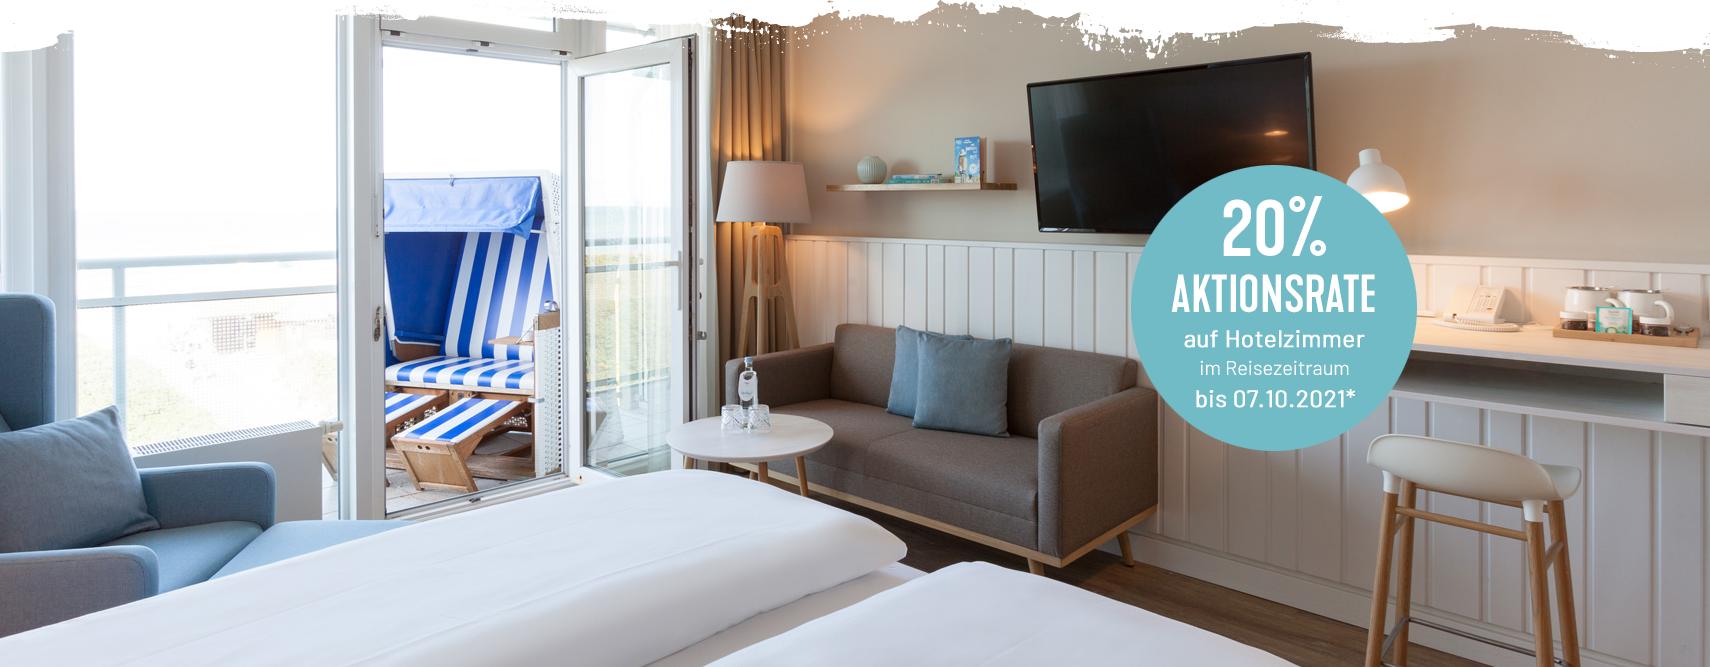 Hotelzimmer mit Preisvorteil für den Herbsturlaub im Wyn. Strandhotel Sylt buchen